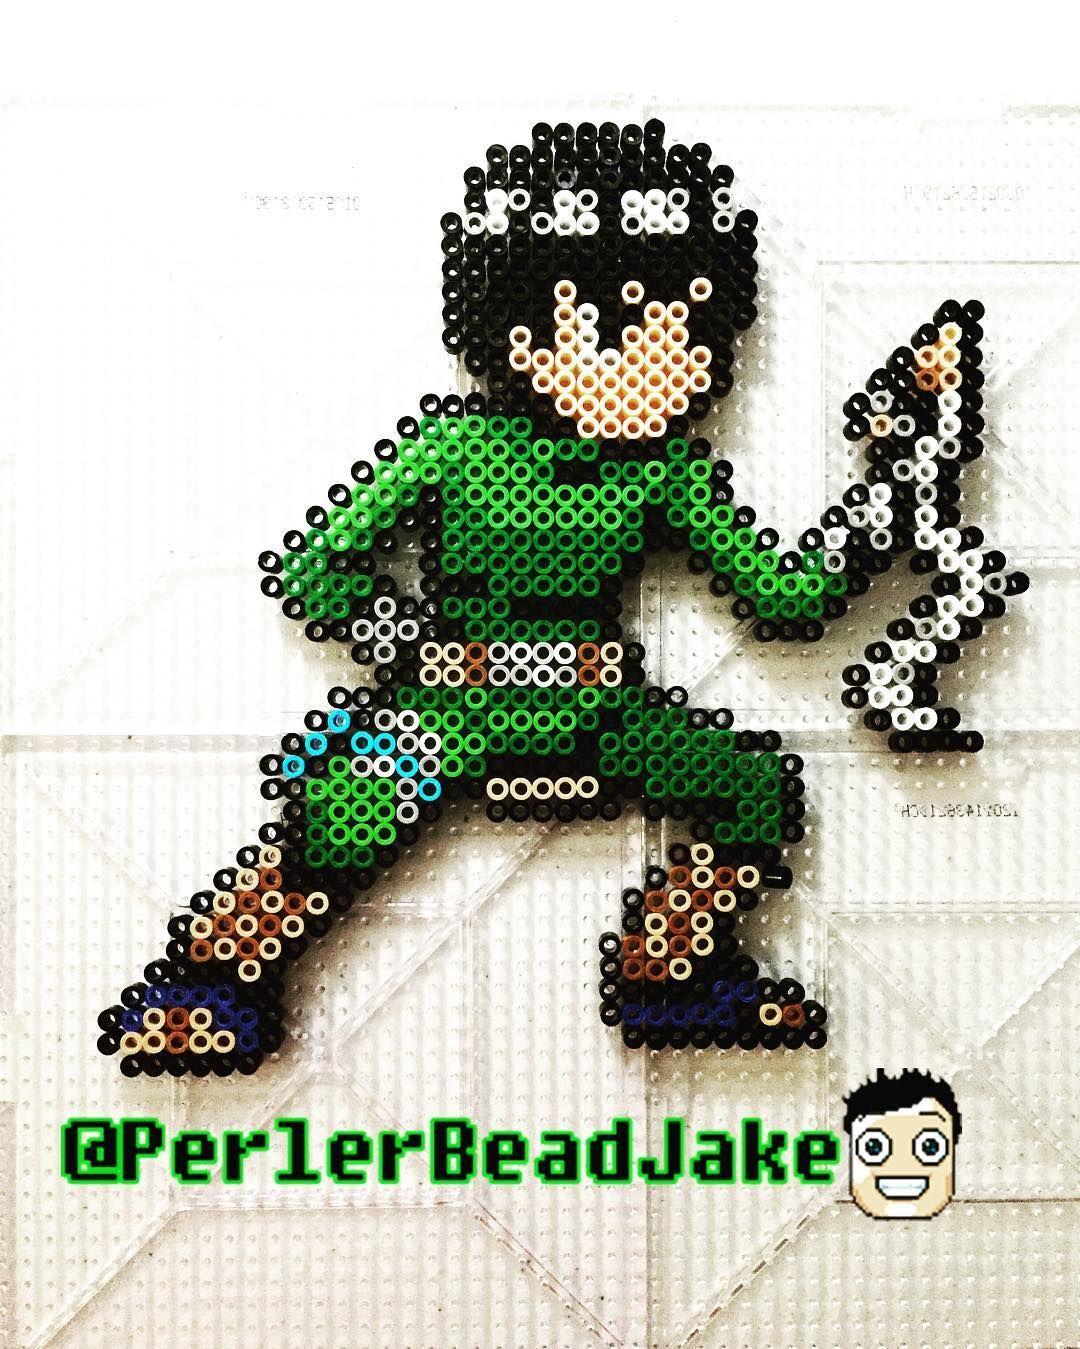 Nara Beads: Rock Lee - Naruto Perler Beads By Perlerbeadjake